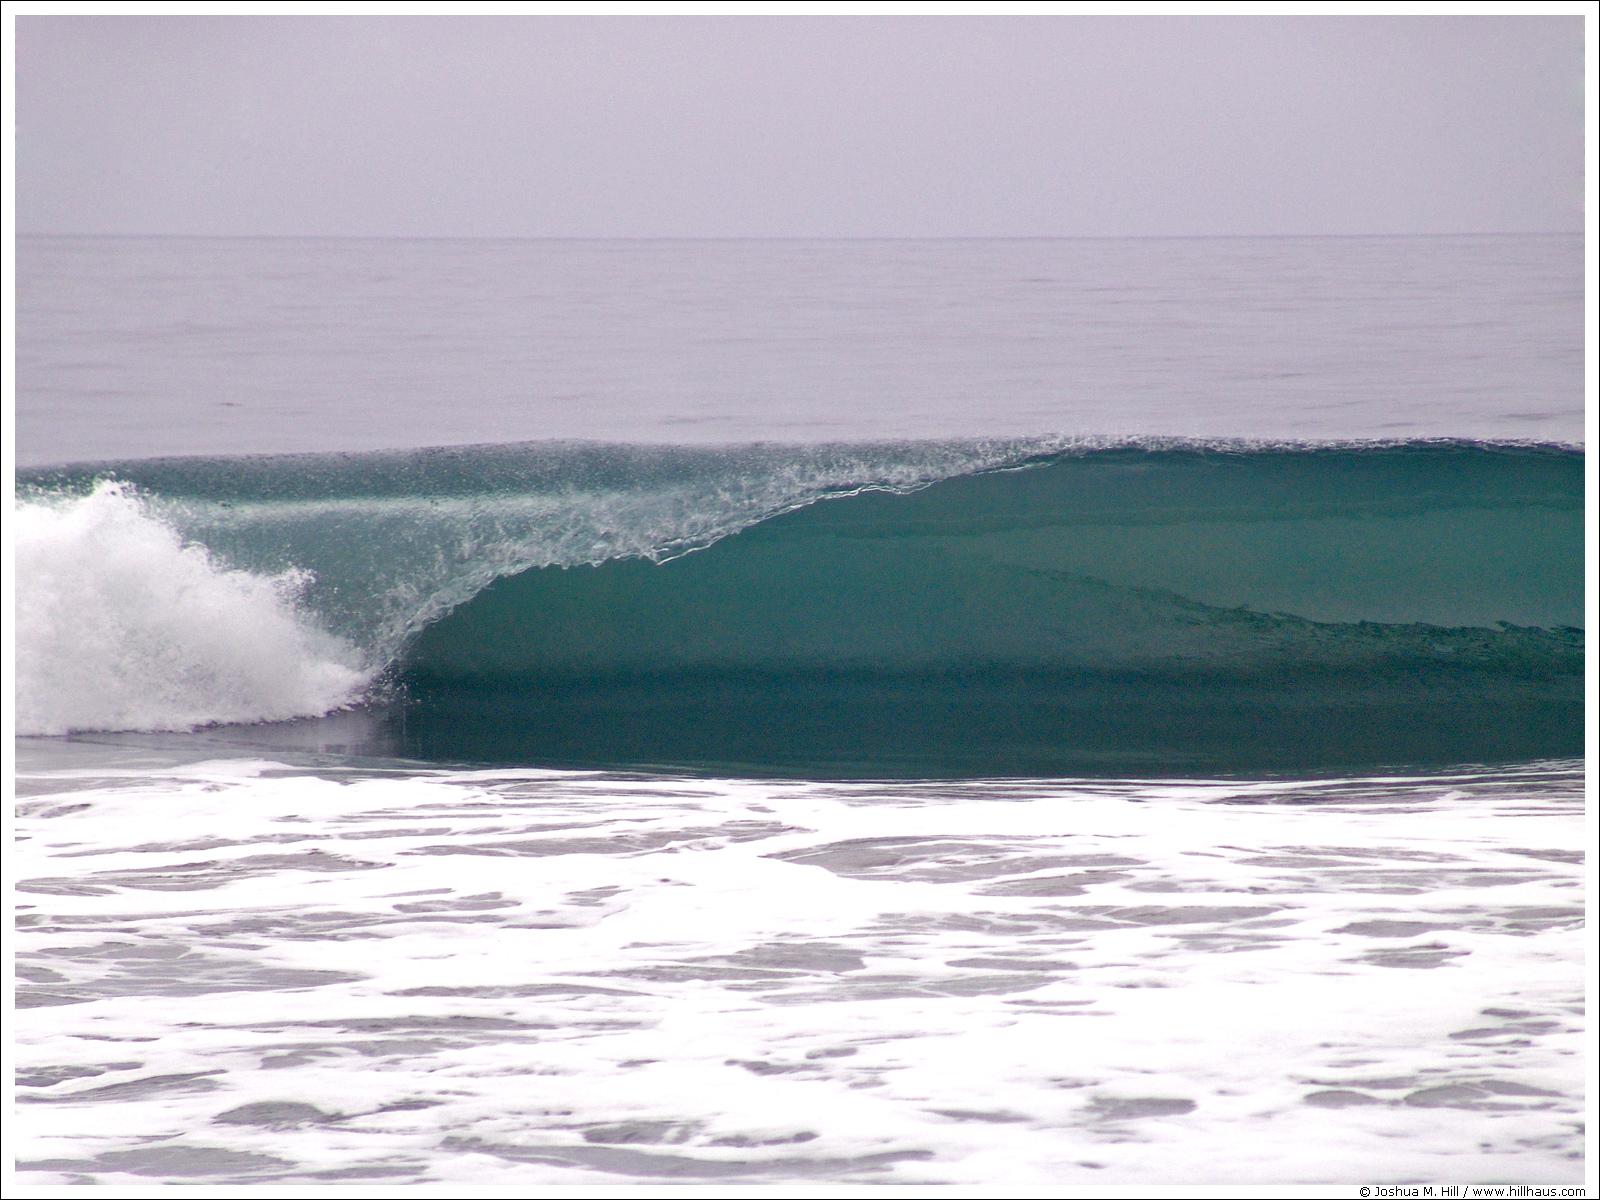 Pacific ocean waves - My site Daot.tk Pacific Ocean Waves